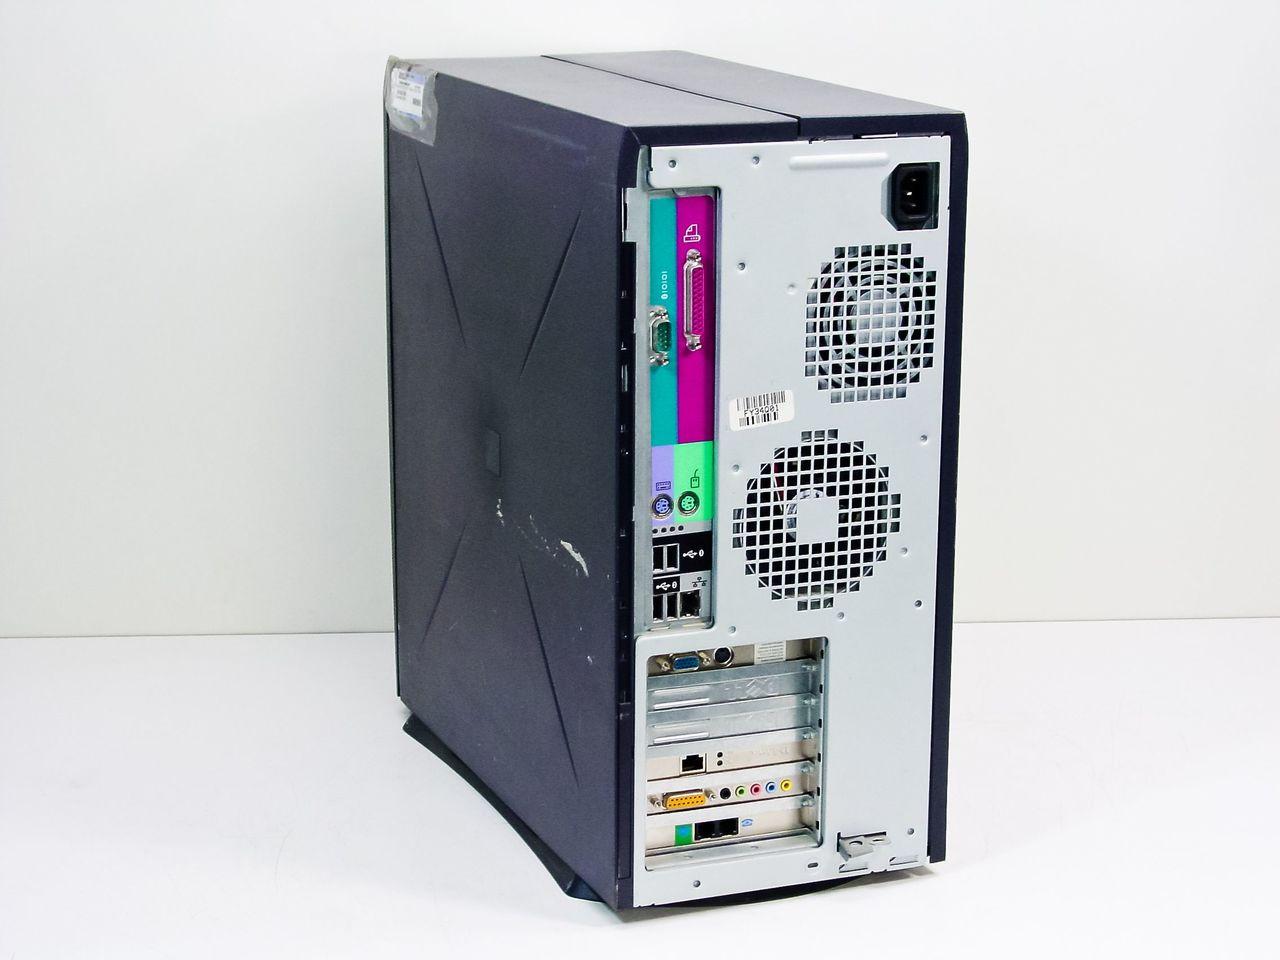 Dell Dimension 8100 NVIDIA Graphics Driver for Windows